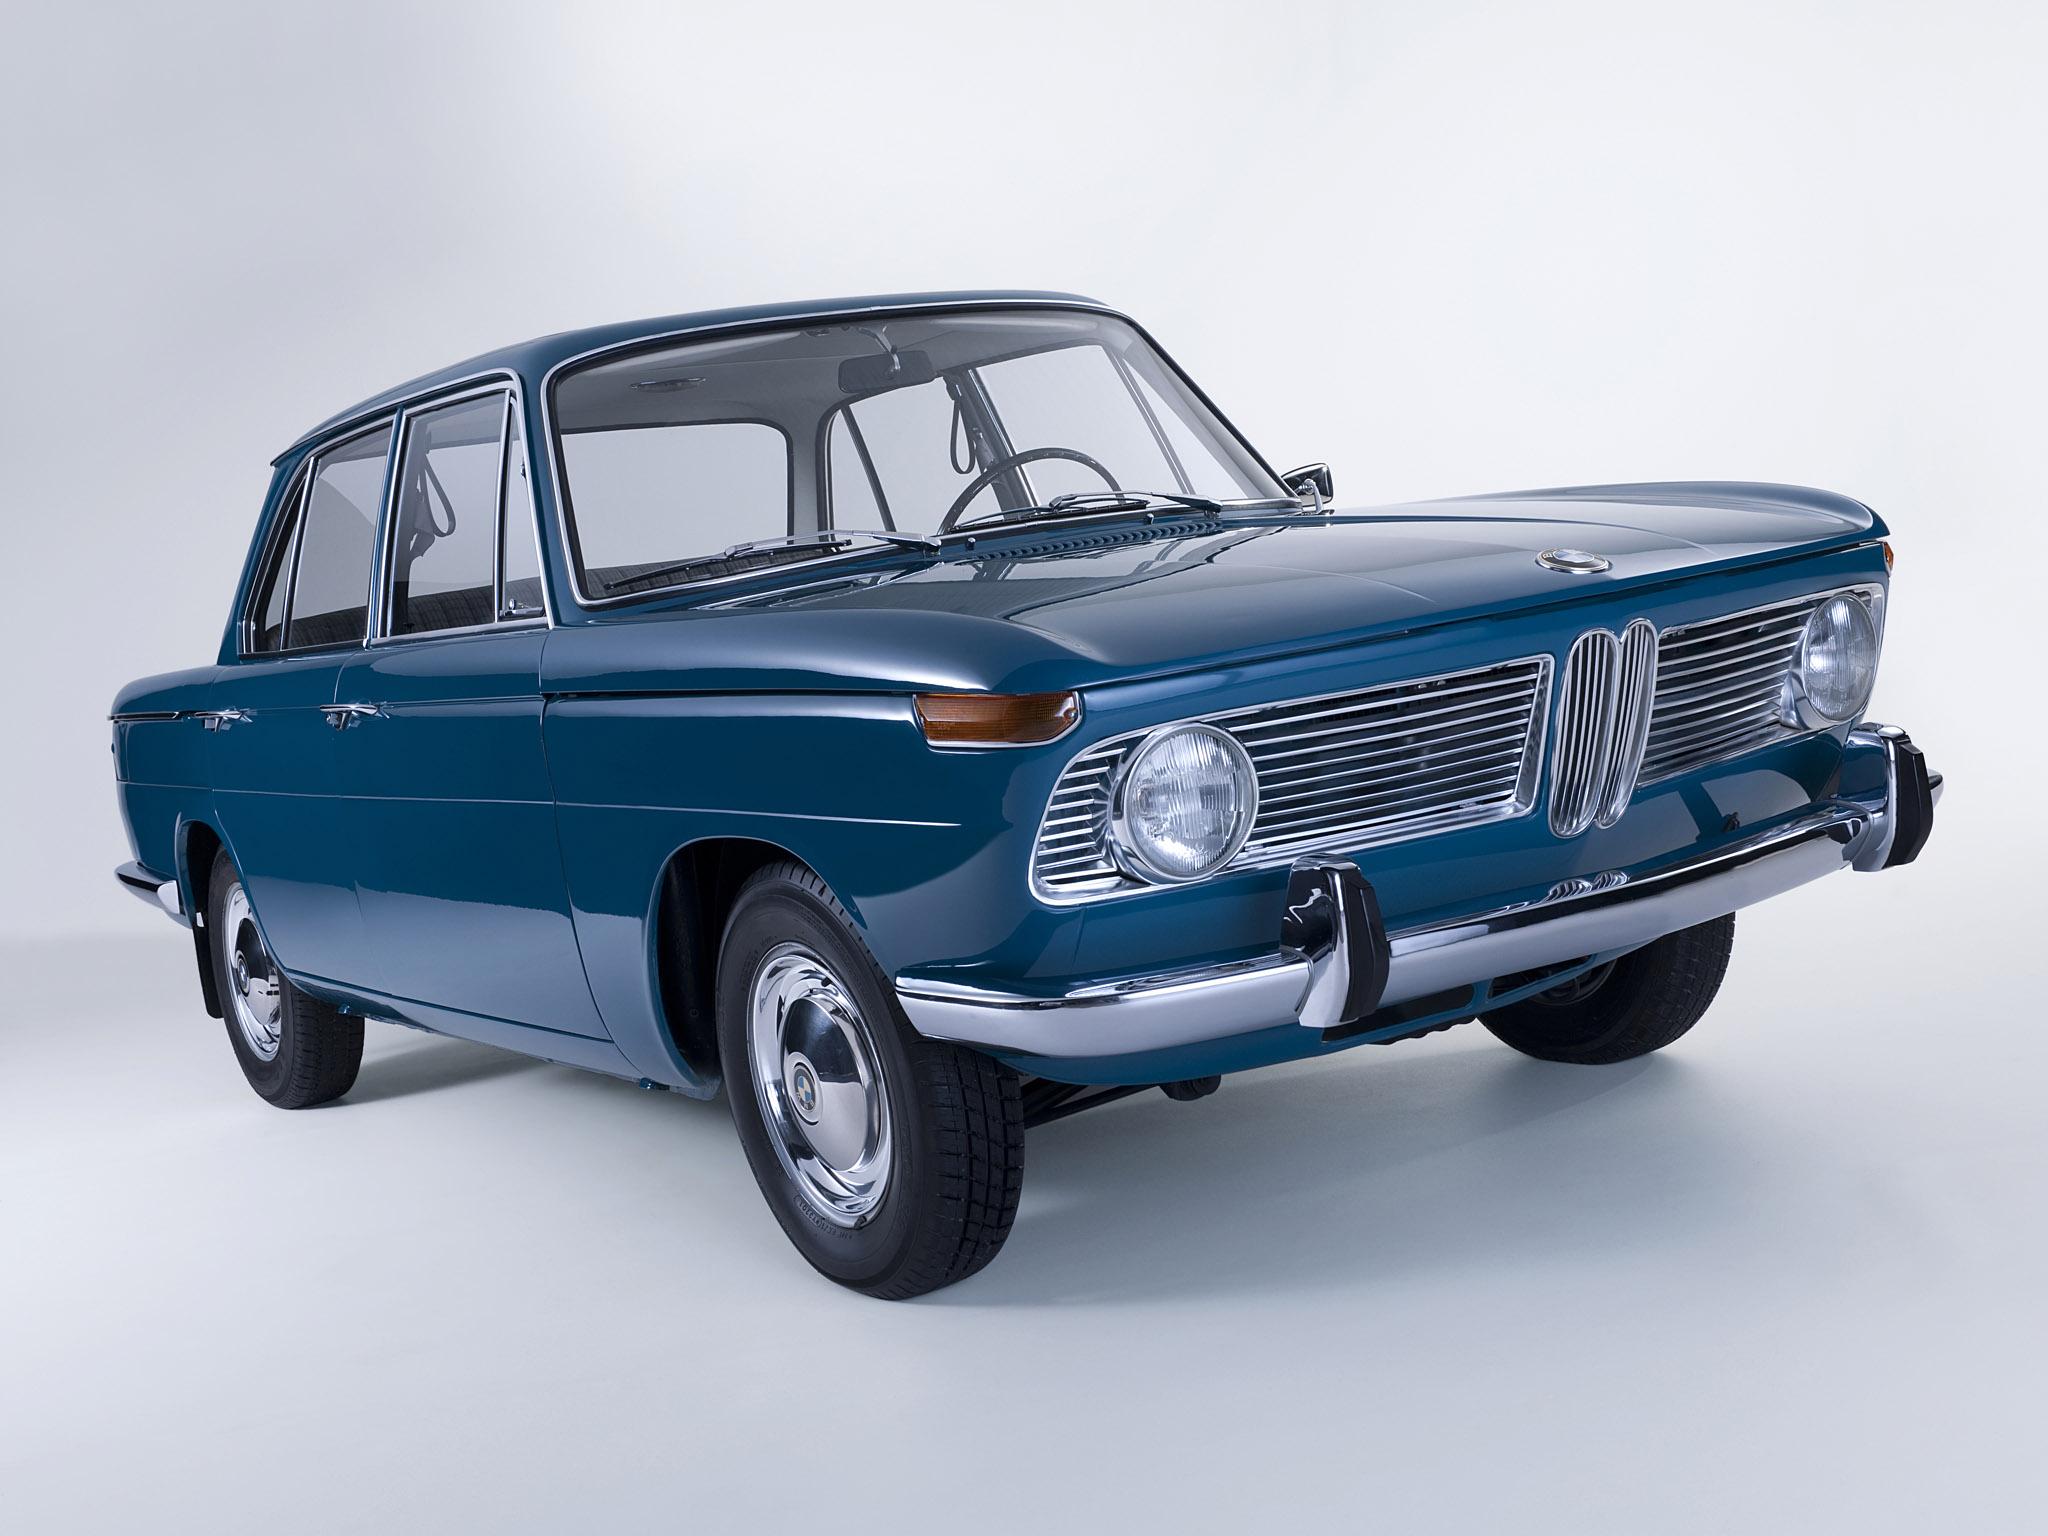 A Neue Klasse sorozat első darabja az 1500 volt 1962-ben. A nullával végződő típusok mind négyajtósok voltak.